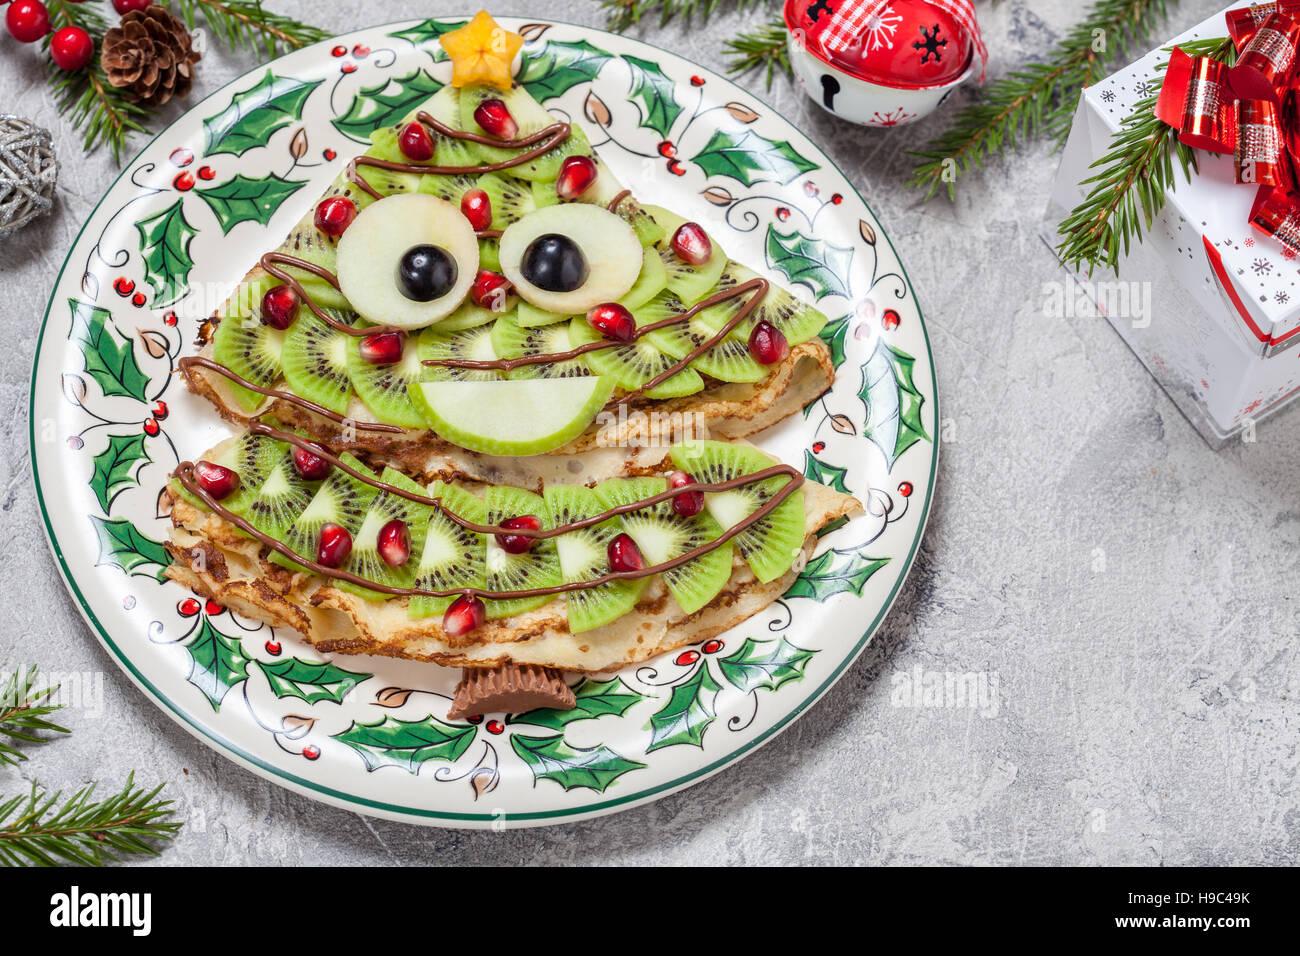 Frittelle Dolci Di Natale.Divertente Albero Di Natale A Forma Di Frittelle Dolci Crepes Per La